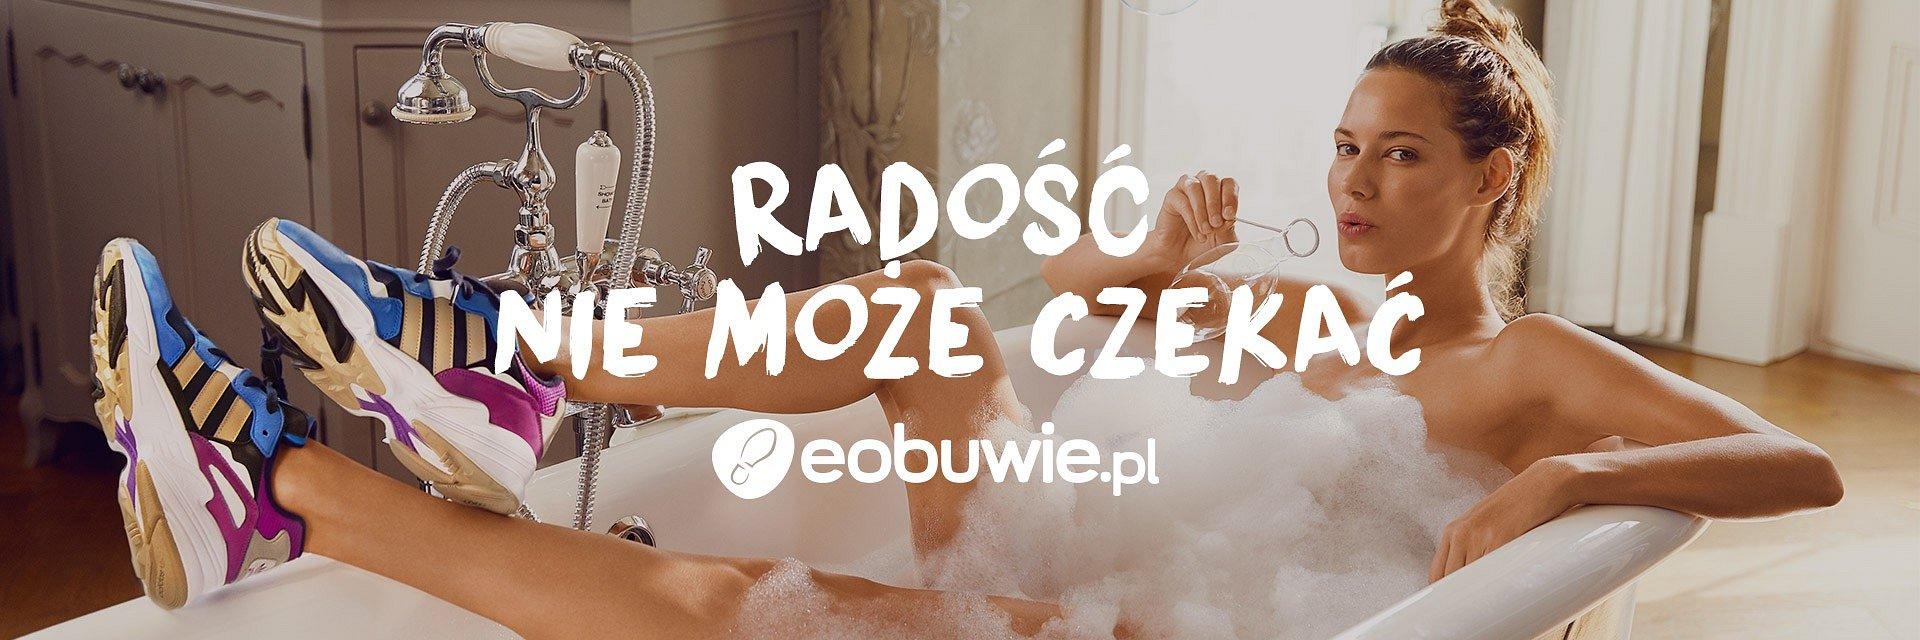 Scholz & Friends Warszawa autorem międzynarodowej kampanii eobuwie.pl